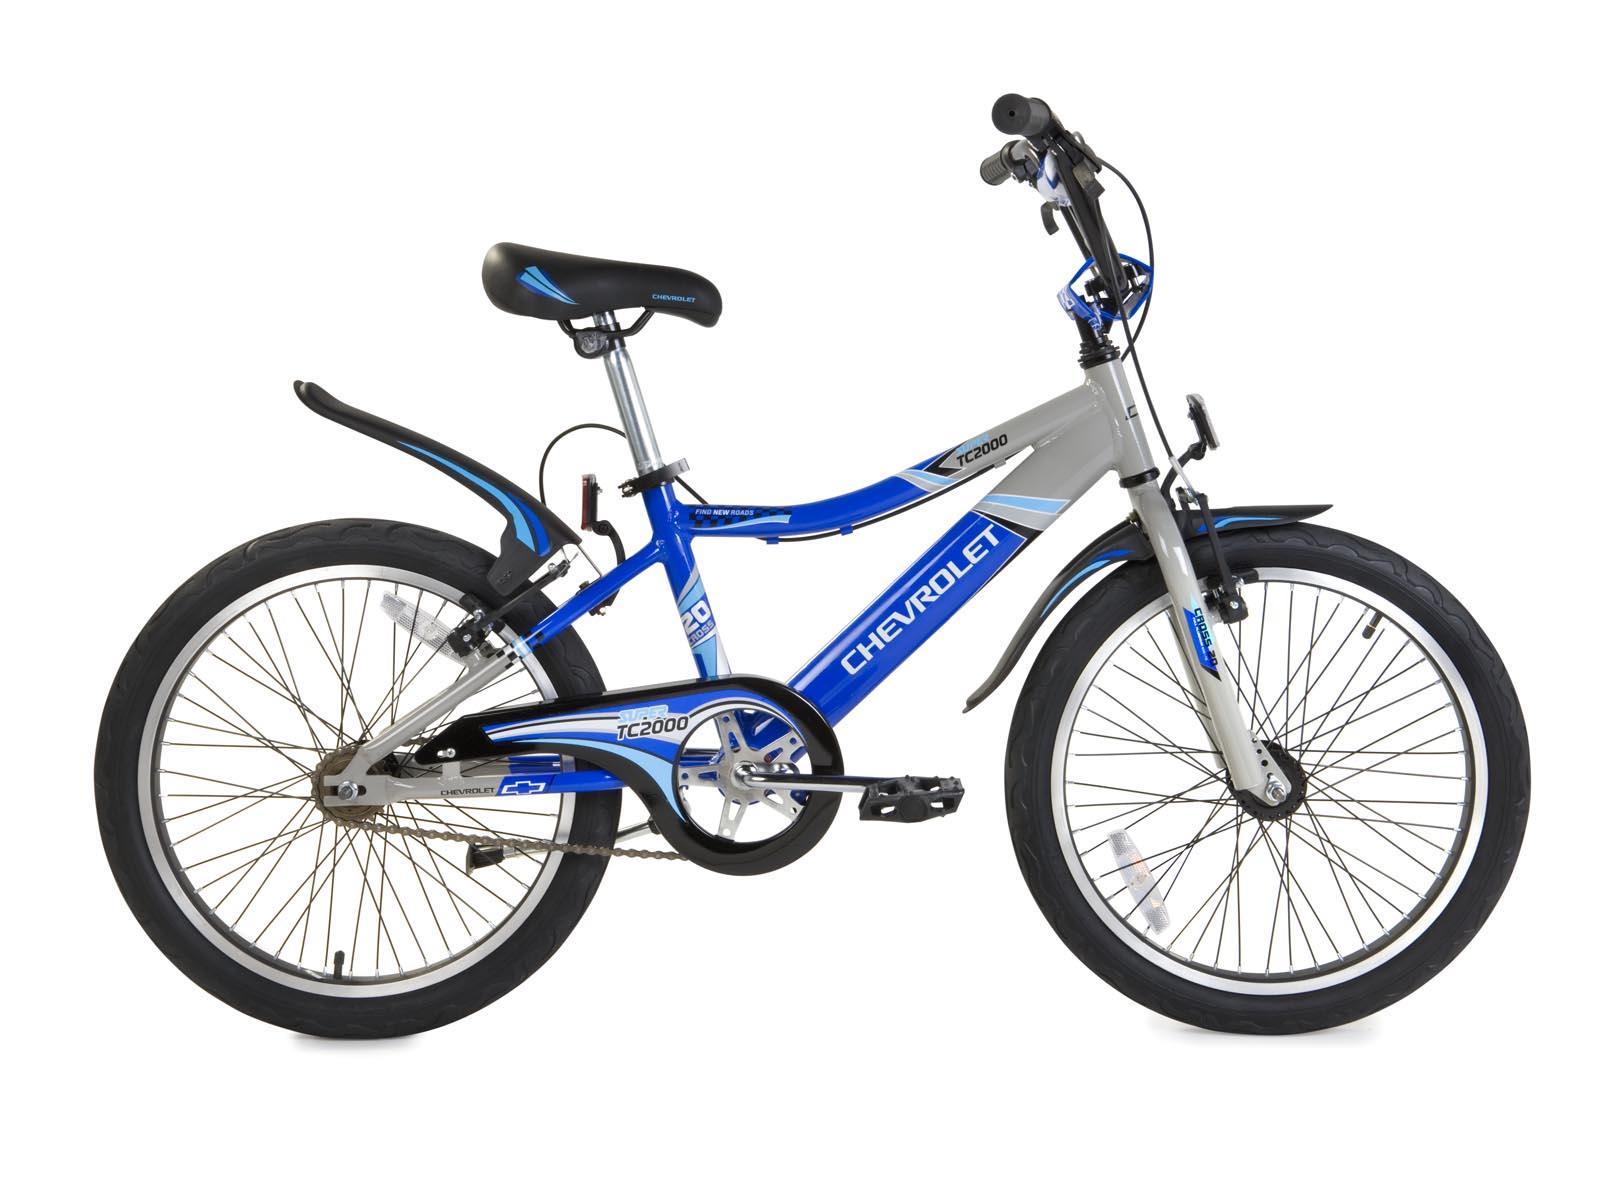 Bicicletas Chevrolet Precios de Bicicletas Chevrolet